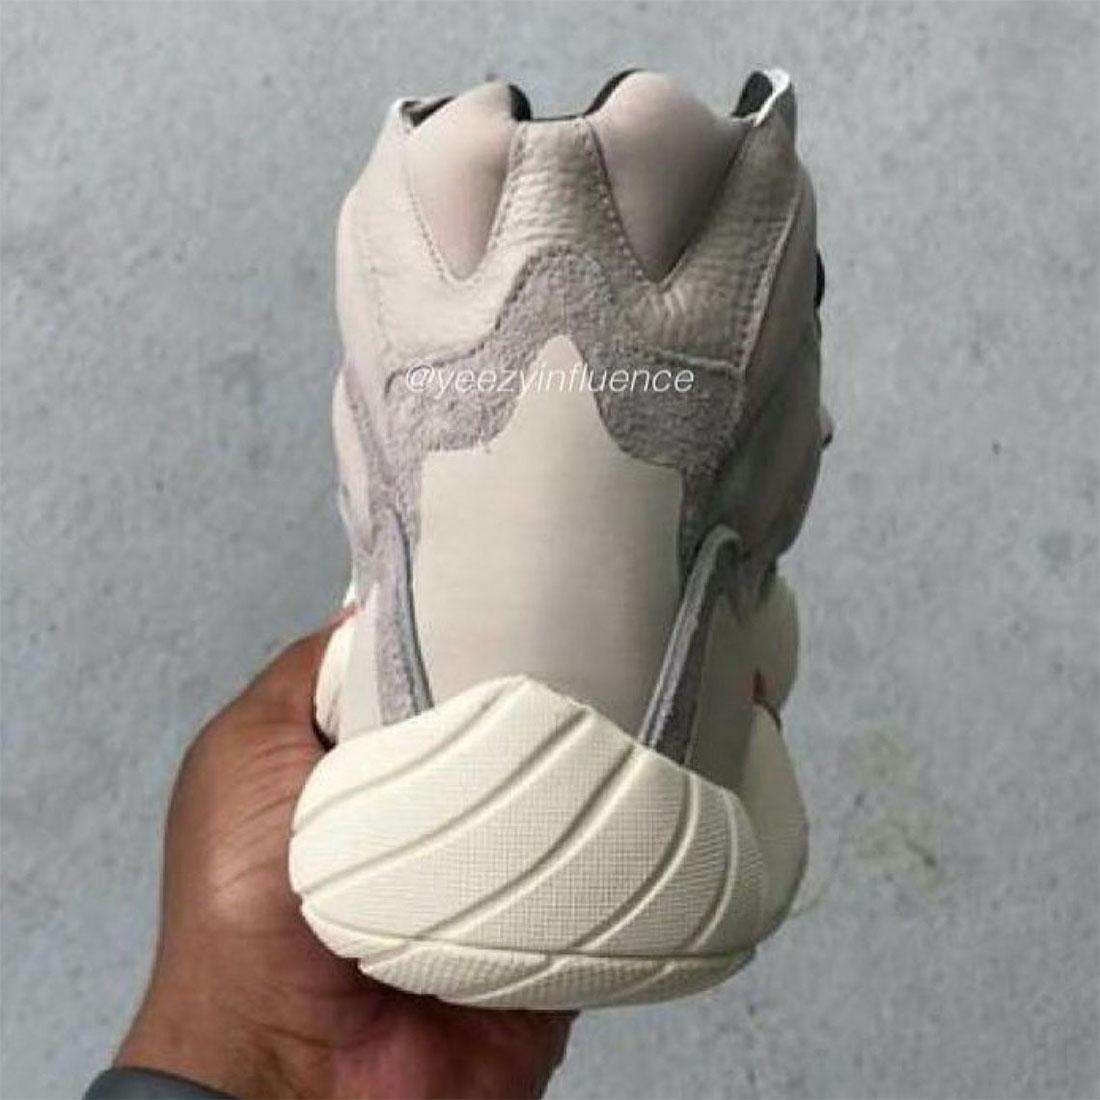 Yeezy 500, Yeezy, Off-White, HIGH, Adidas Yeezy 500, adidas Yeezy, Adidas